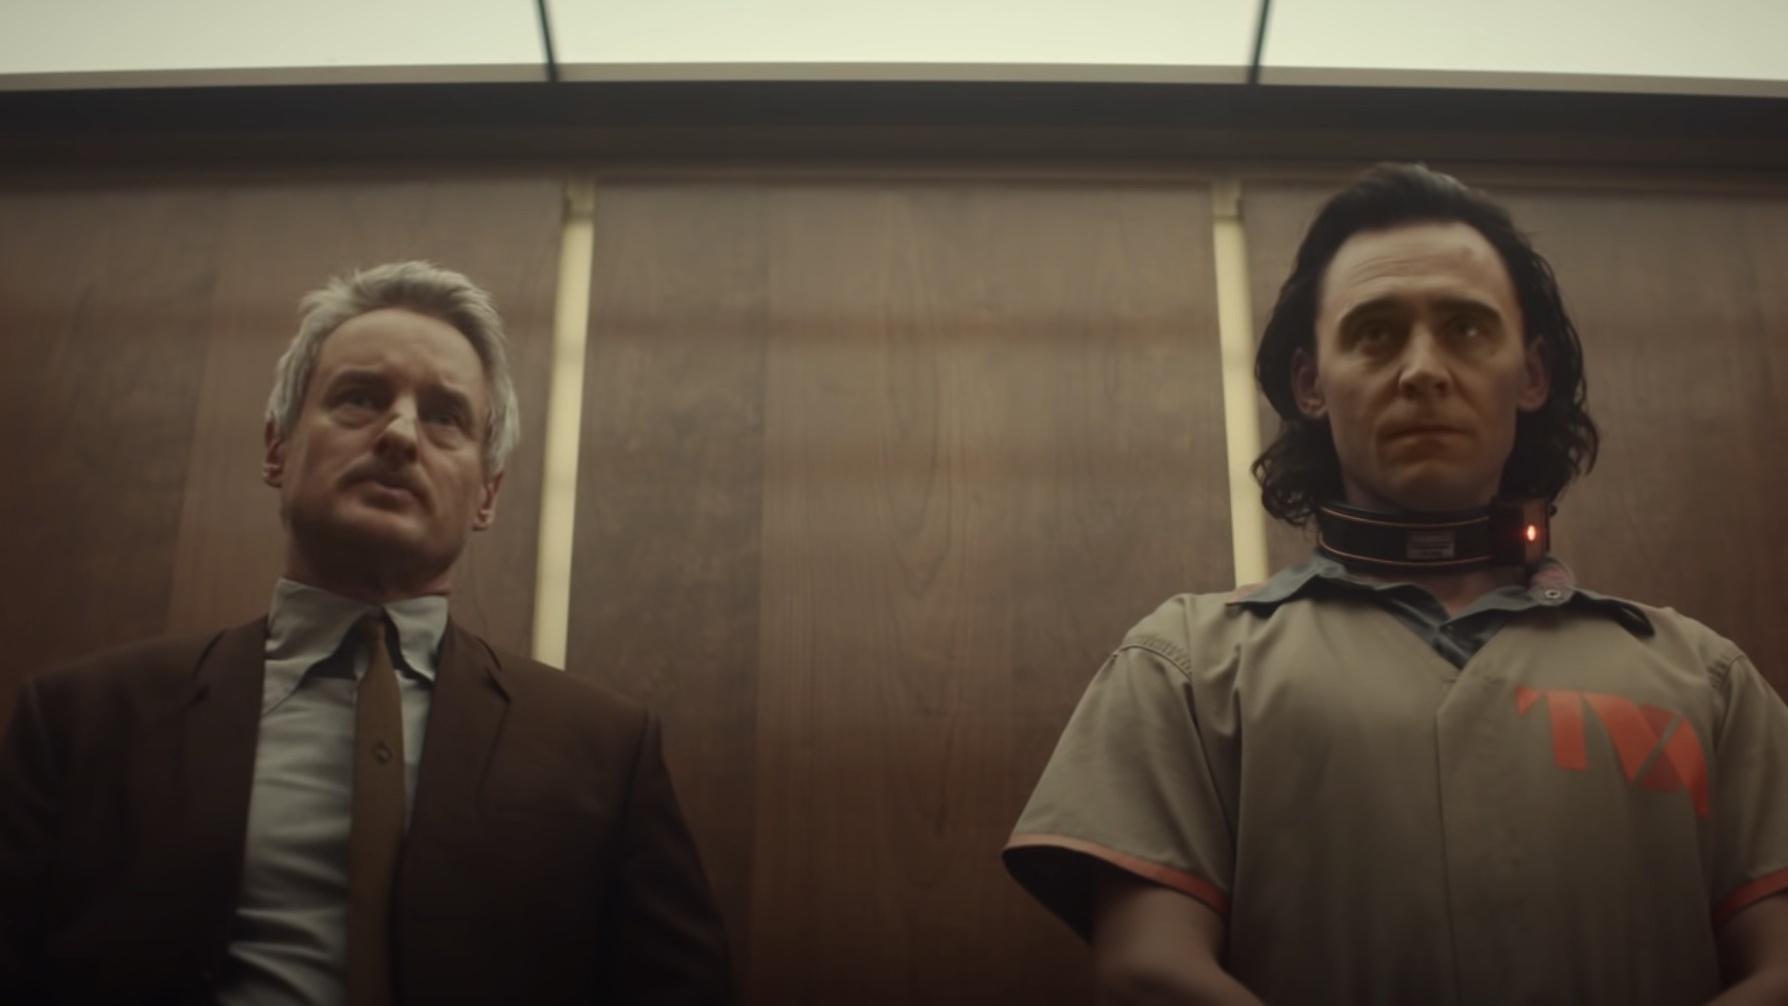 Mobius interpretado por Owen Wilson y Loki interpretado por Tom Hiddleston estaban en un ascensor.